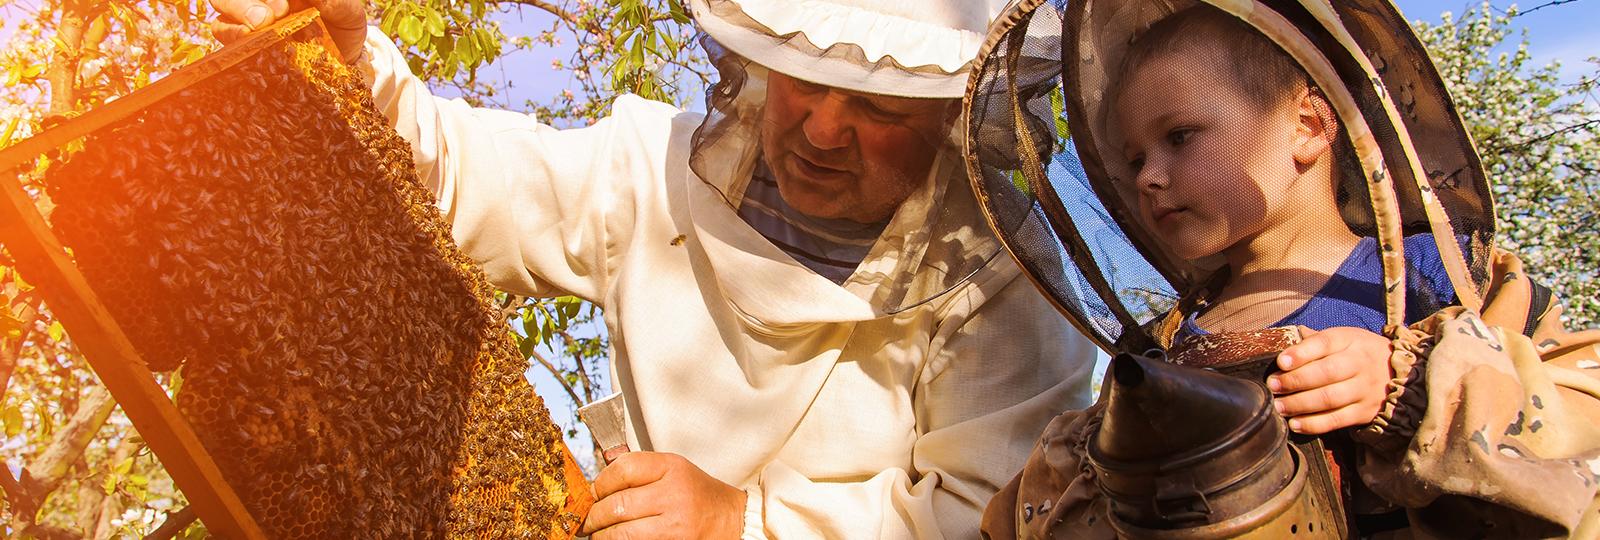 Imker und Kind betrachten eine Honigwabe voller Bienen